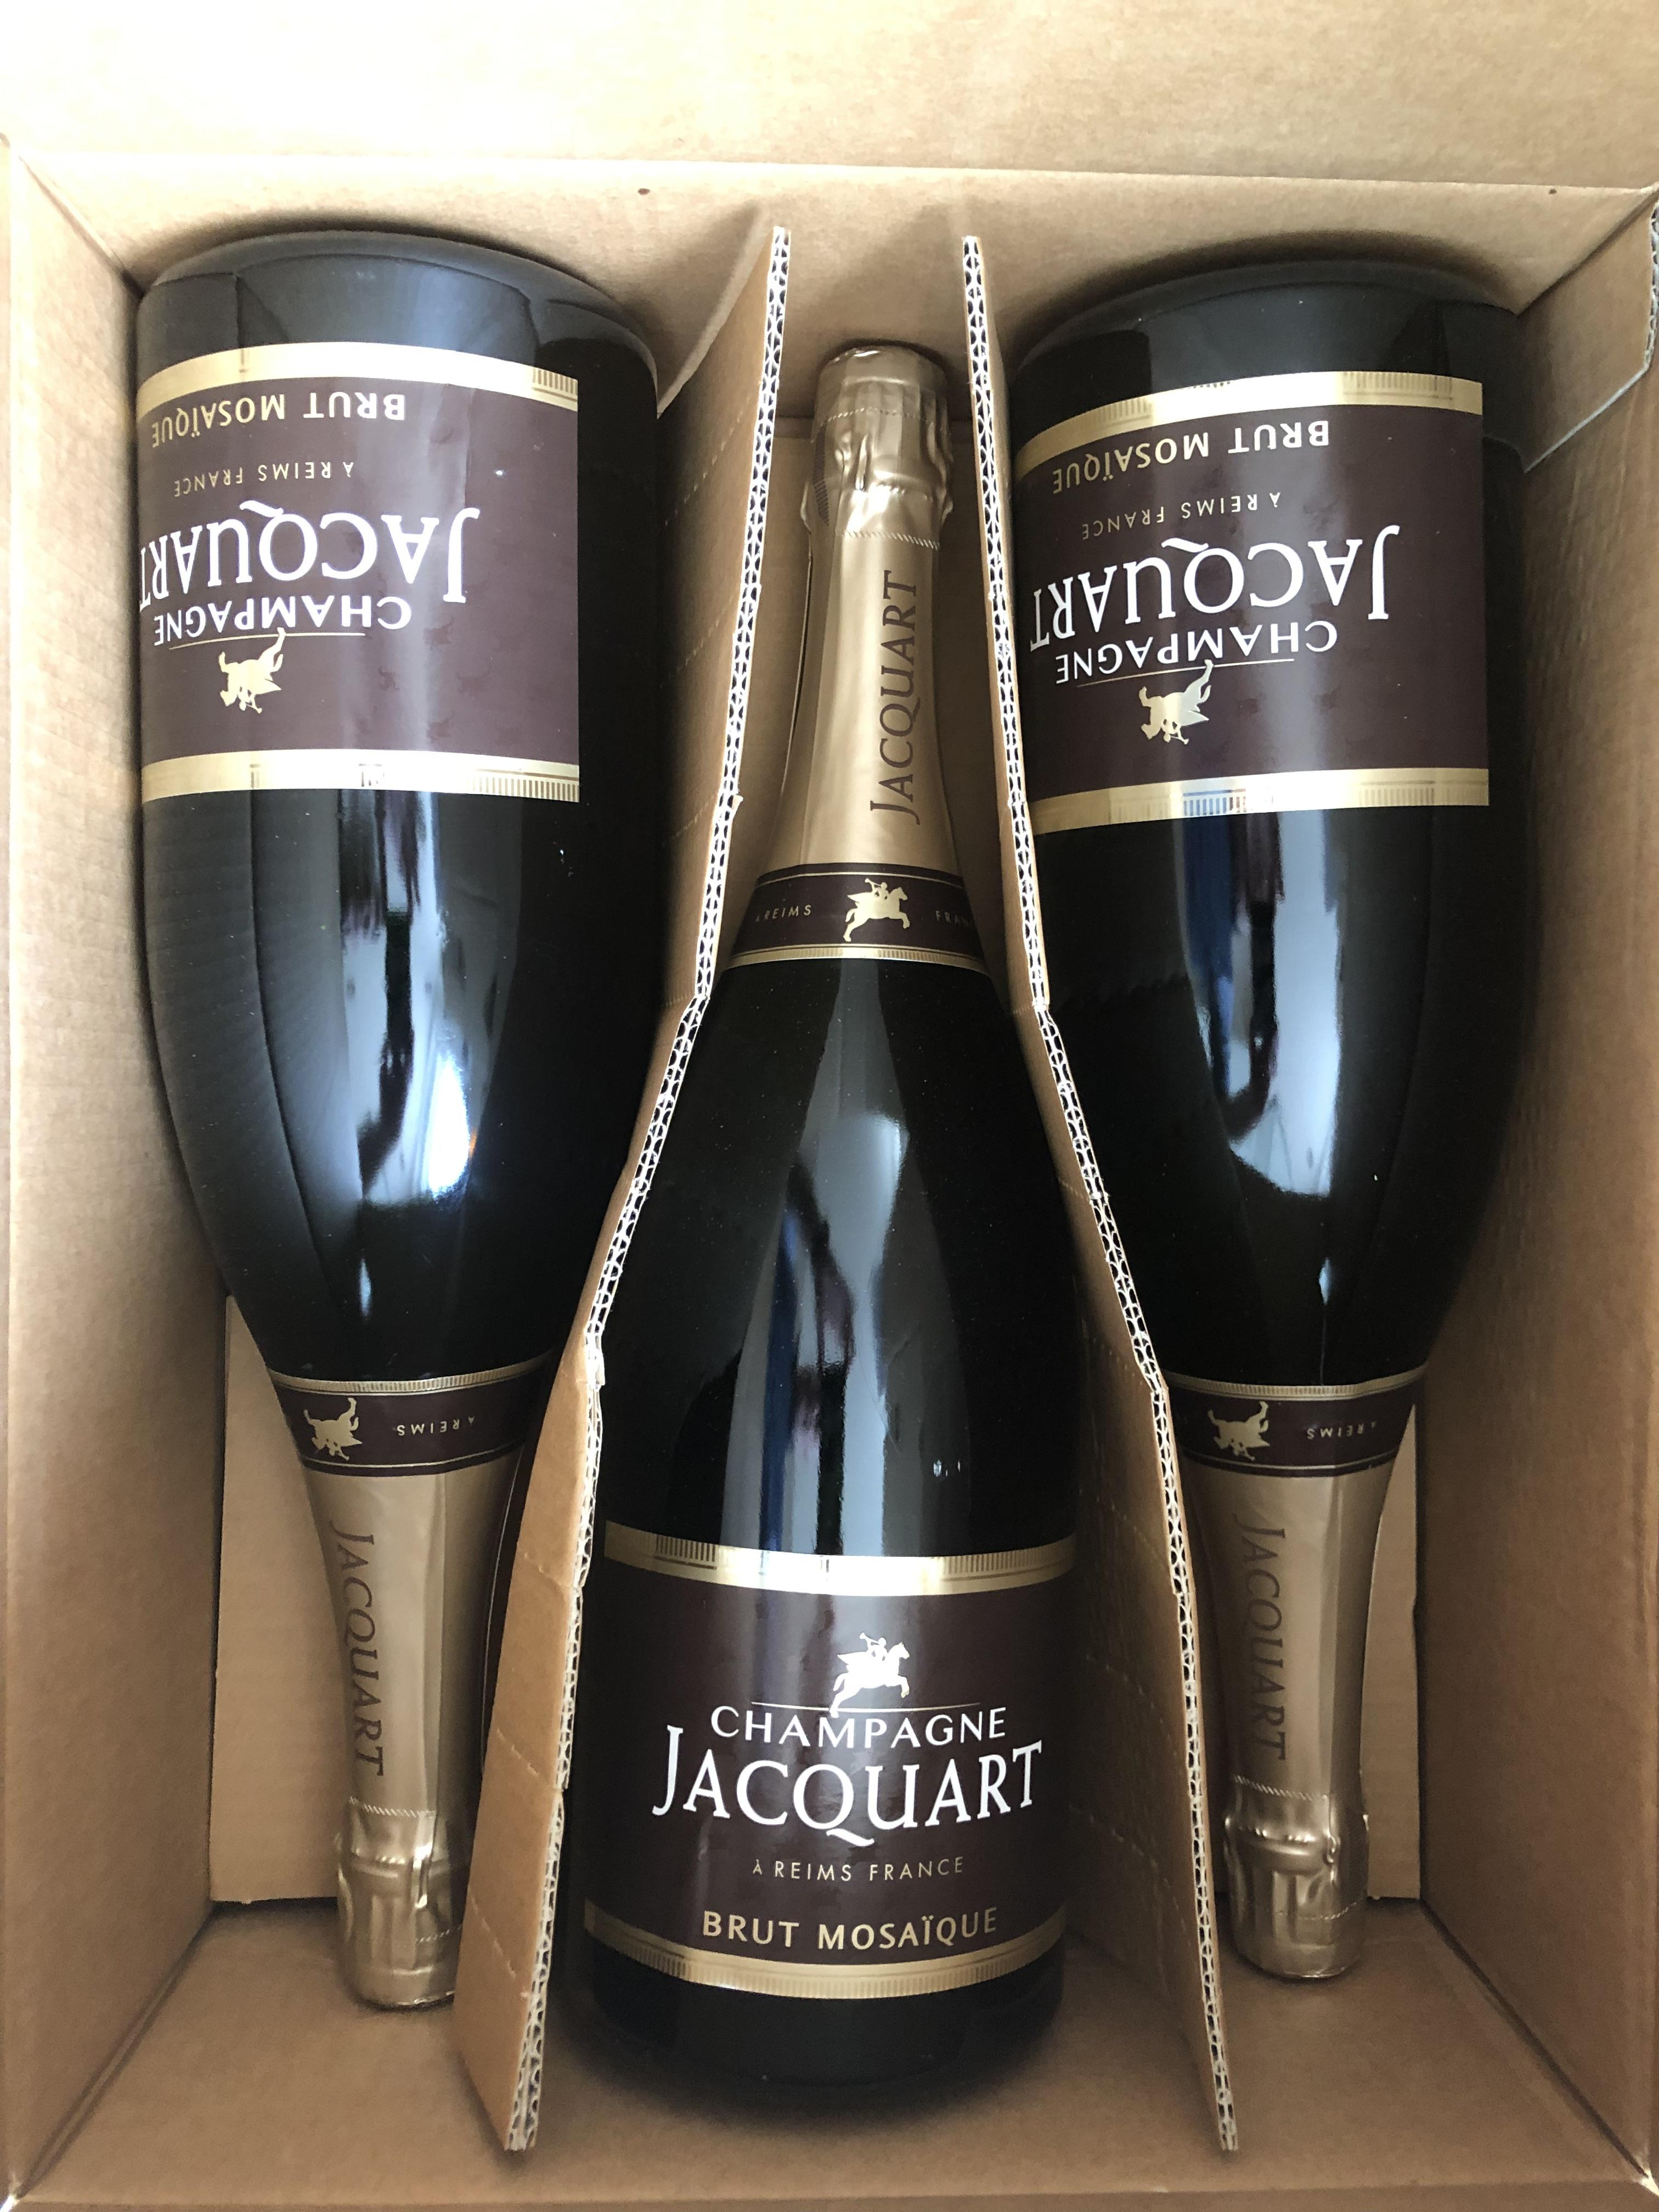 Lot 31 - NV Brut Mosaique, Jacquart, Champagne, France, 3 magnums